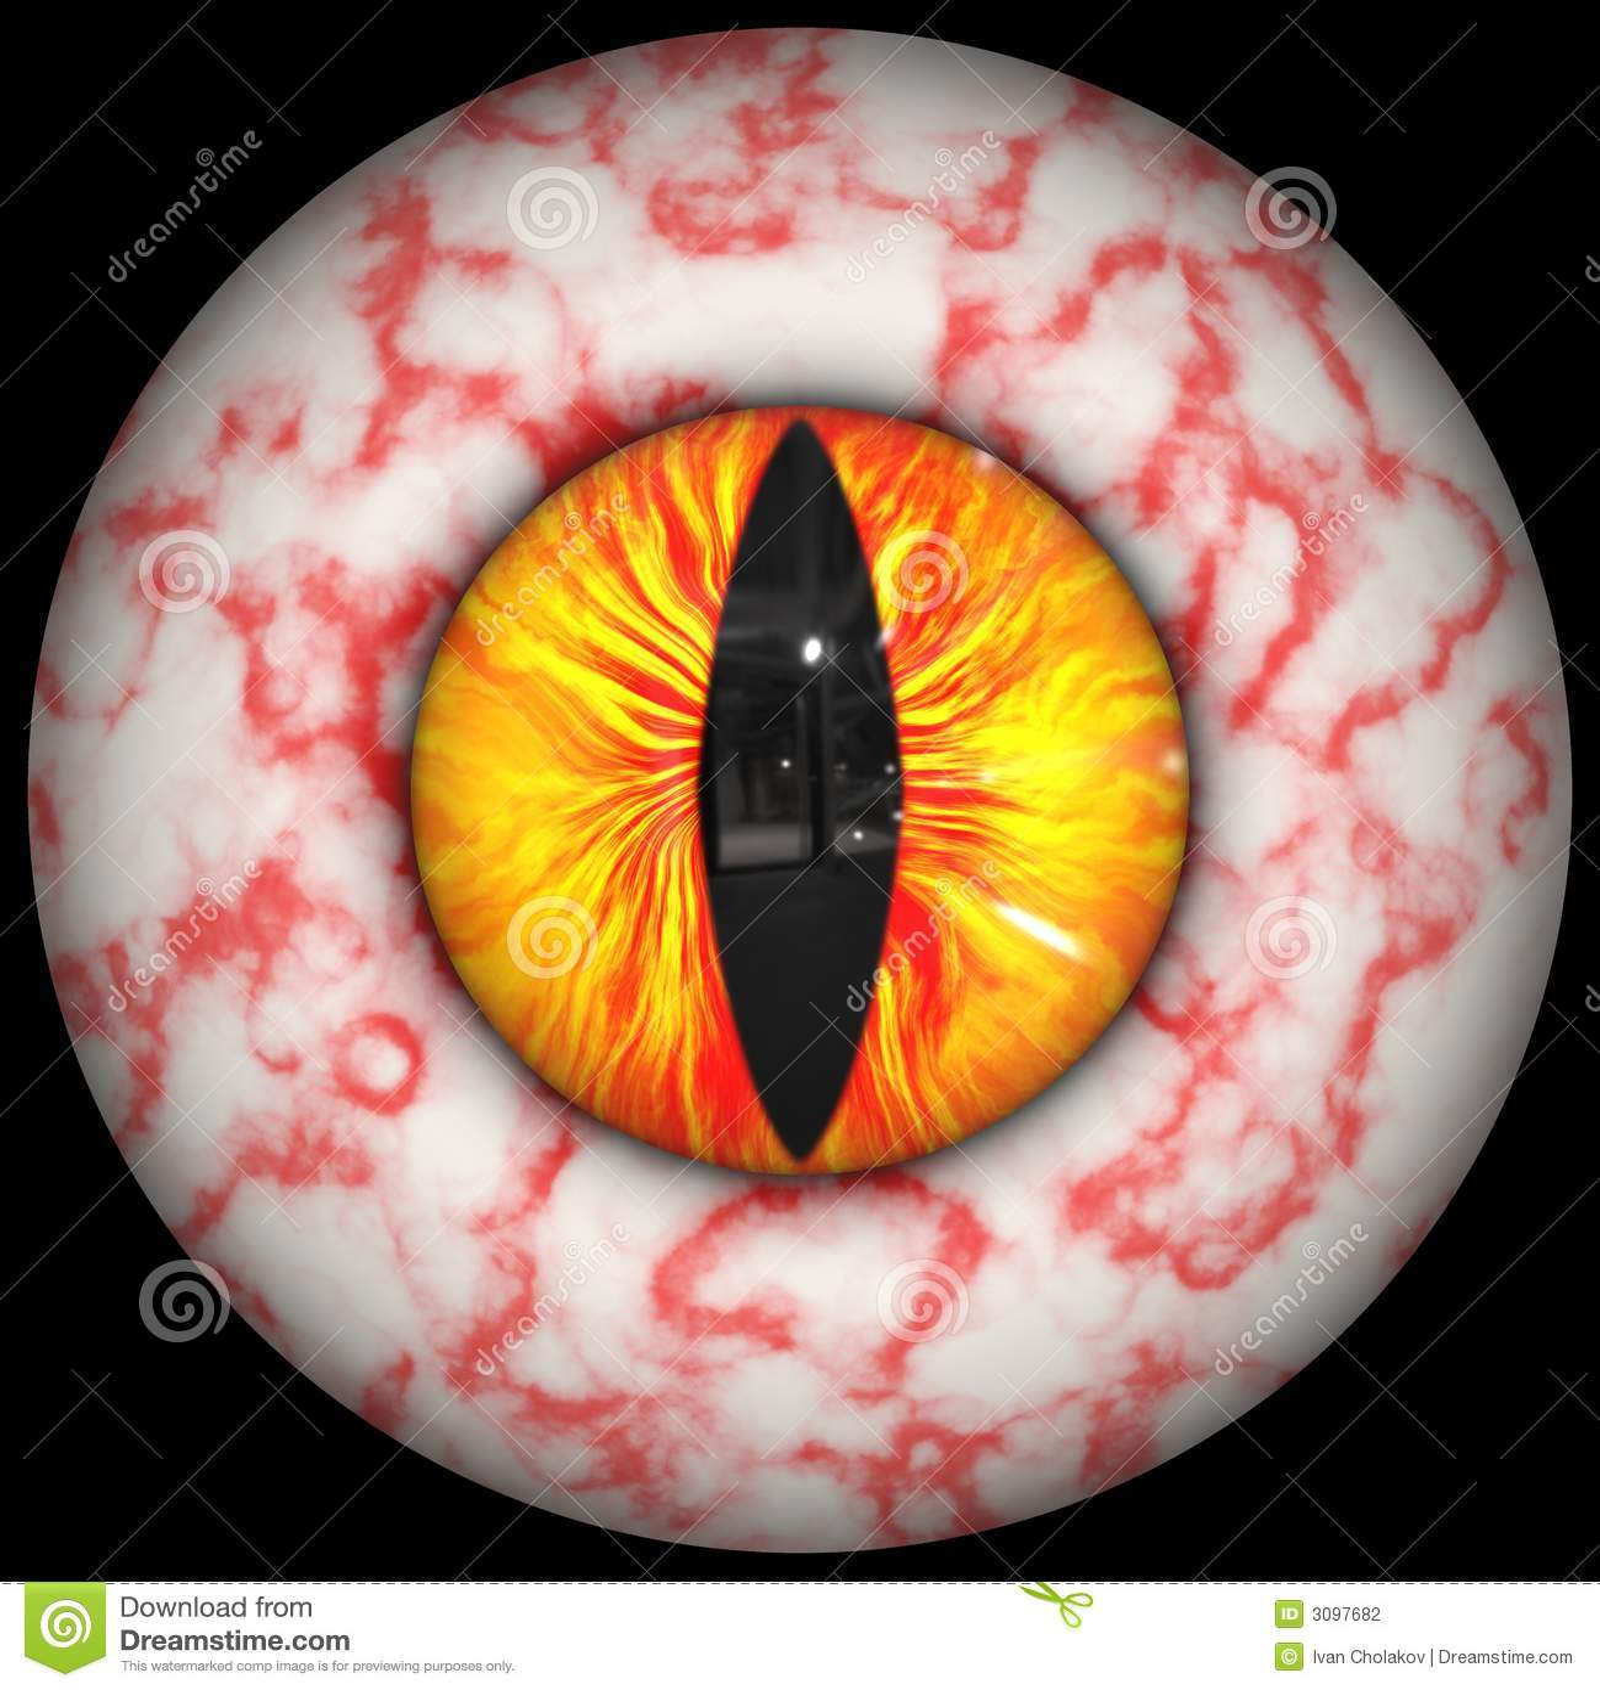 眼睛严重充血图片_动物眼充血